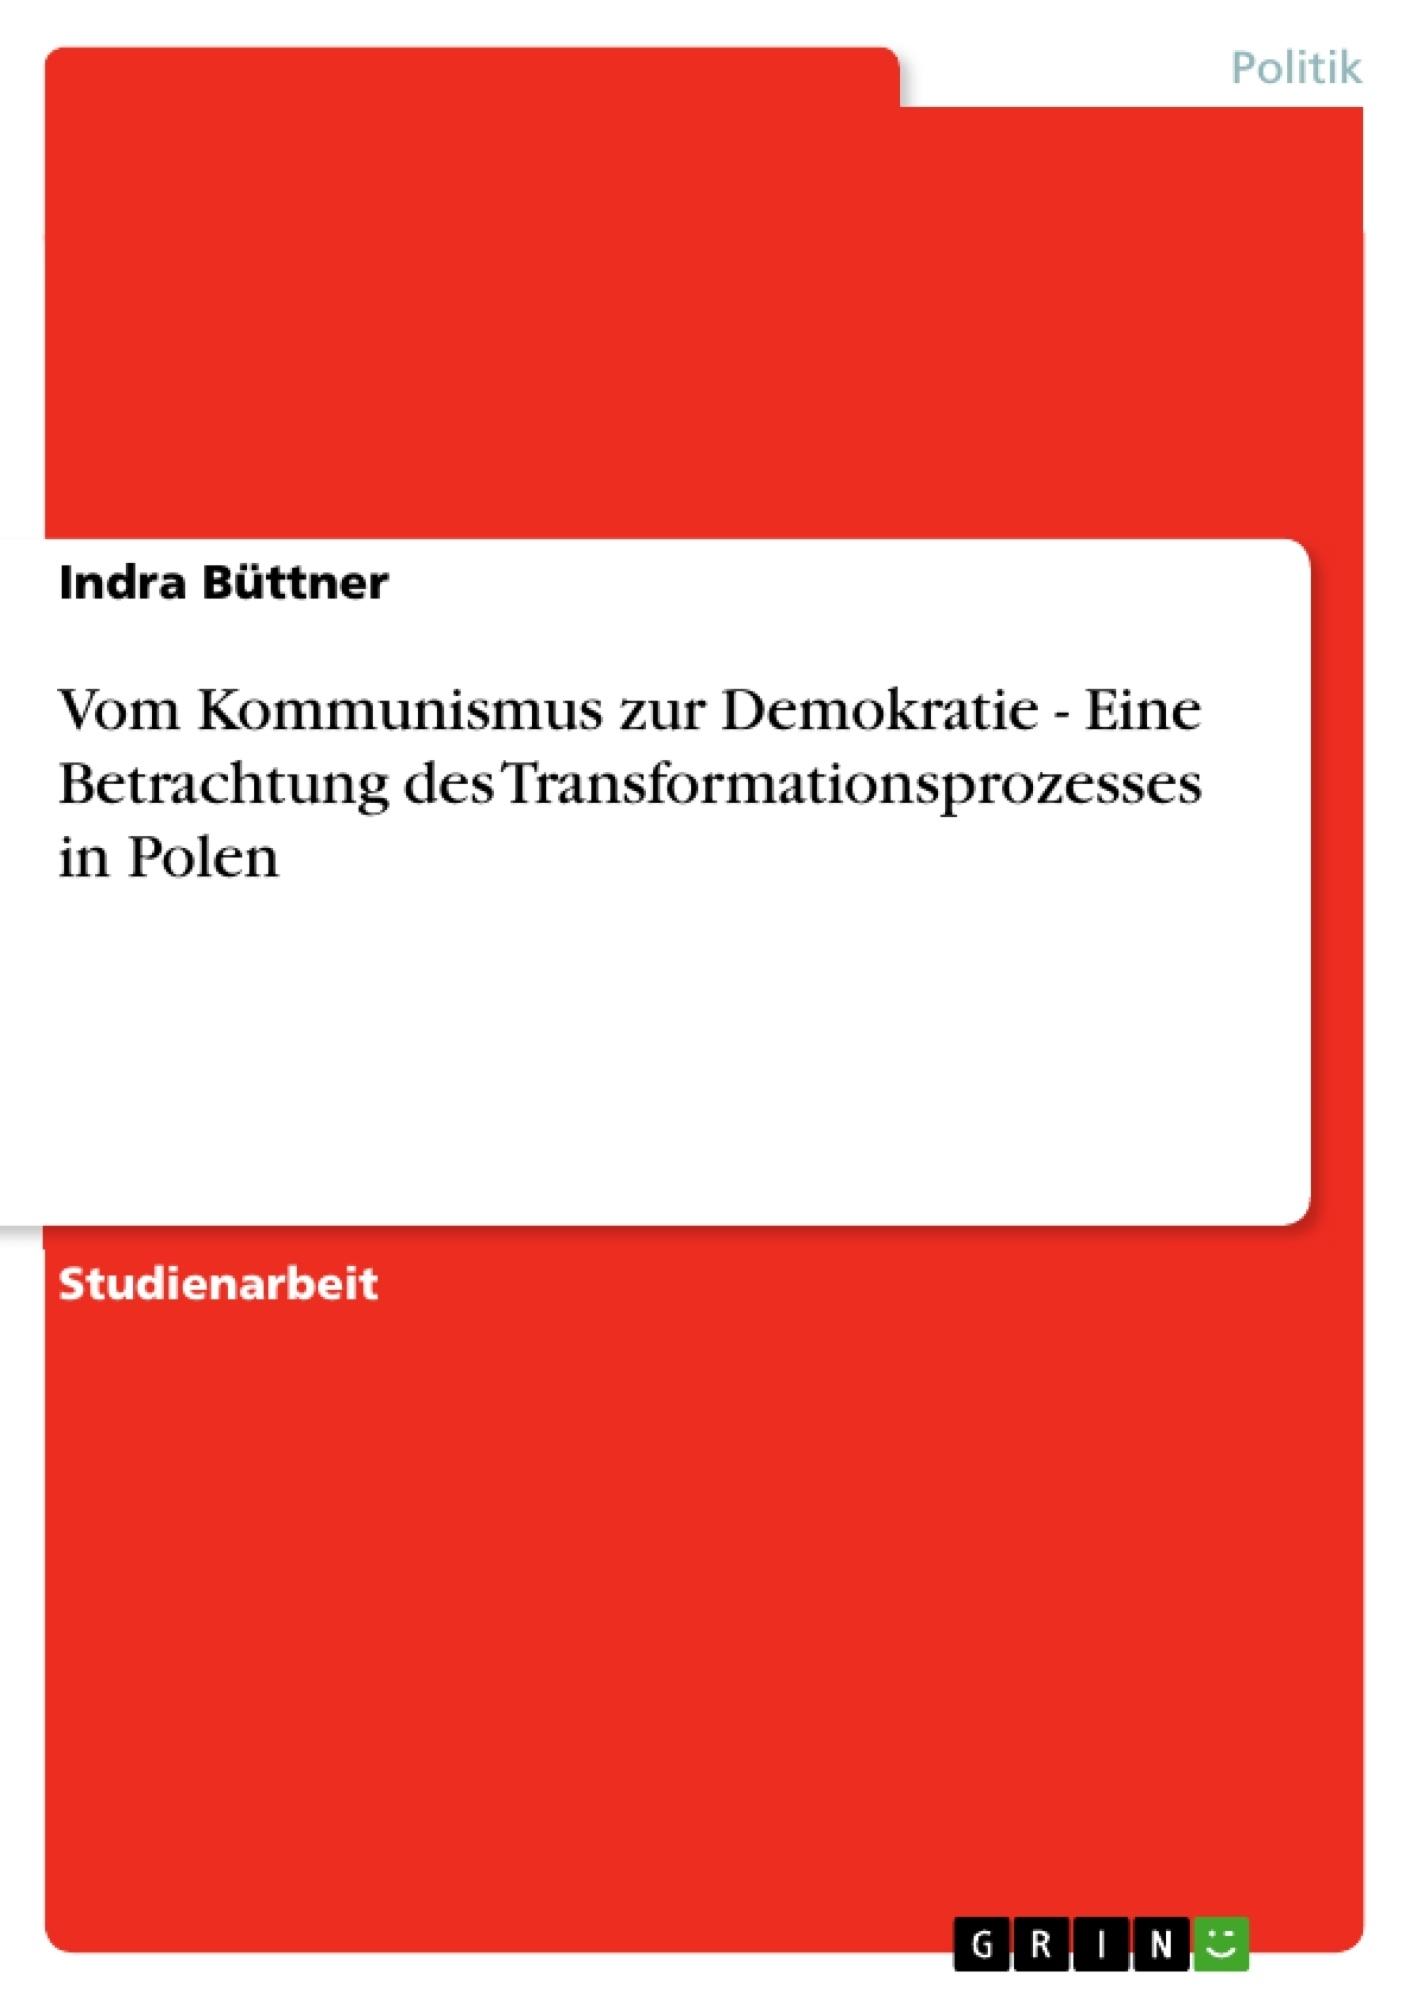 Titel: Vom Kommunismus zur Demokratie - Eine Betrachtung des Transformationsprozesses in Polen